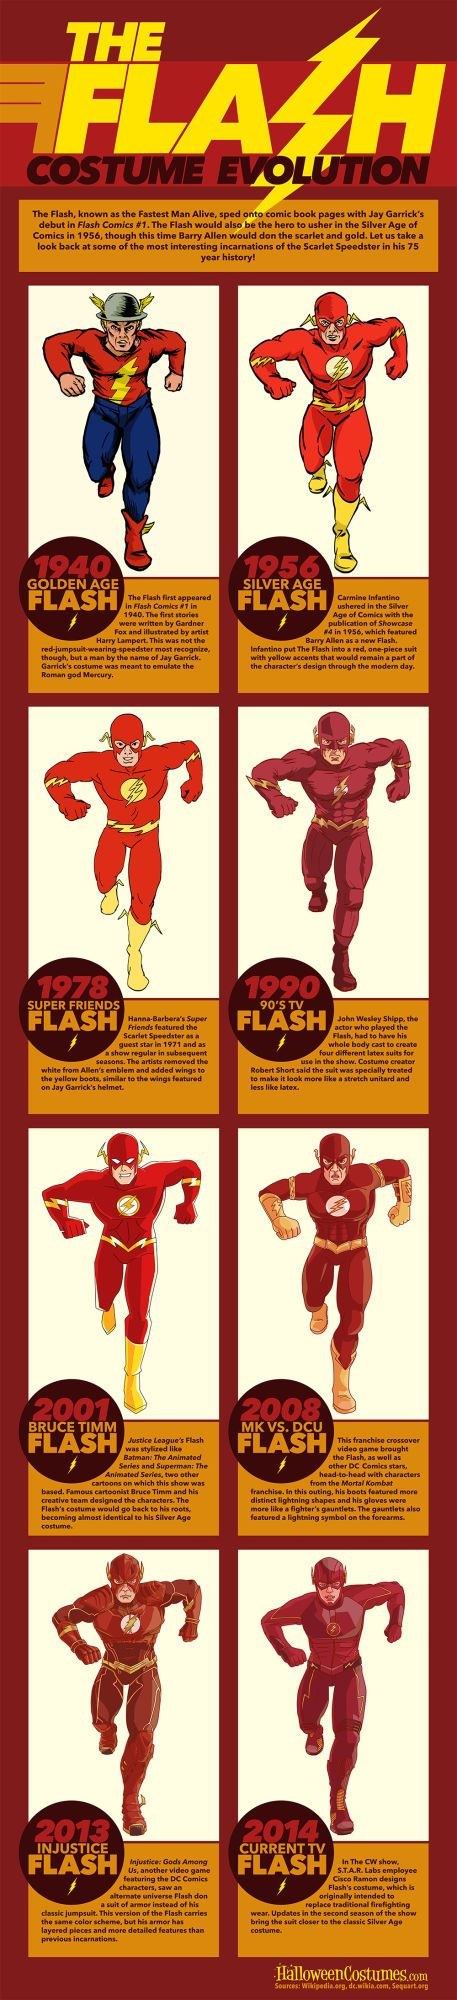 El pasado fin de semana con ocasión de la celebración de Halloween ¿Cuántos se han presentado en alguna fiesta con el celebre disfraz de TheFlash? Y es que The Flash nunca pasa de moda. Con la siguiente infográfica te proponemos acelerar a través 75 años de trajes de TheFlash desde el origen del superhéroe en …